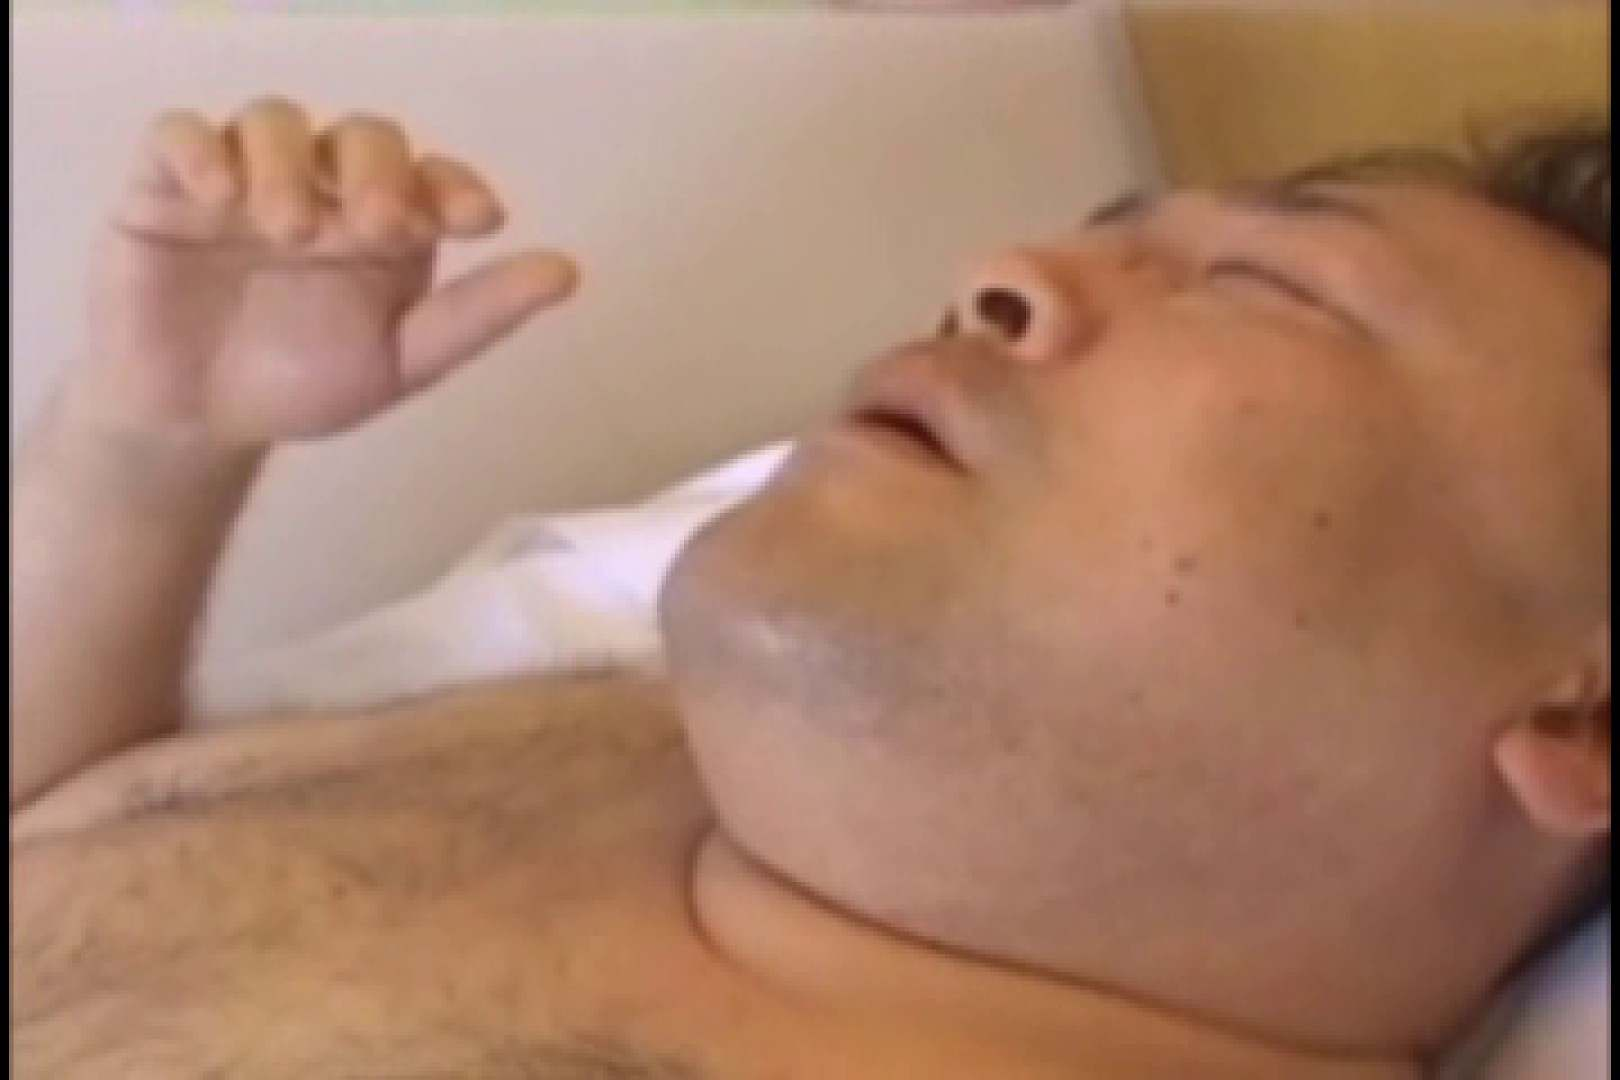 中年旦那の発情記 ブリーフ ゲイヌード画像 72pic 14